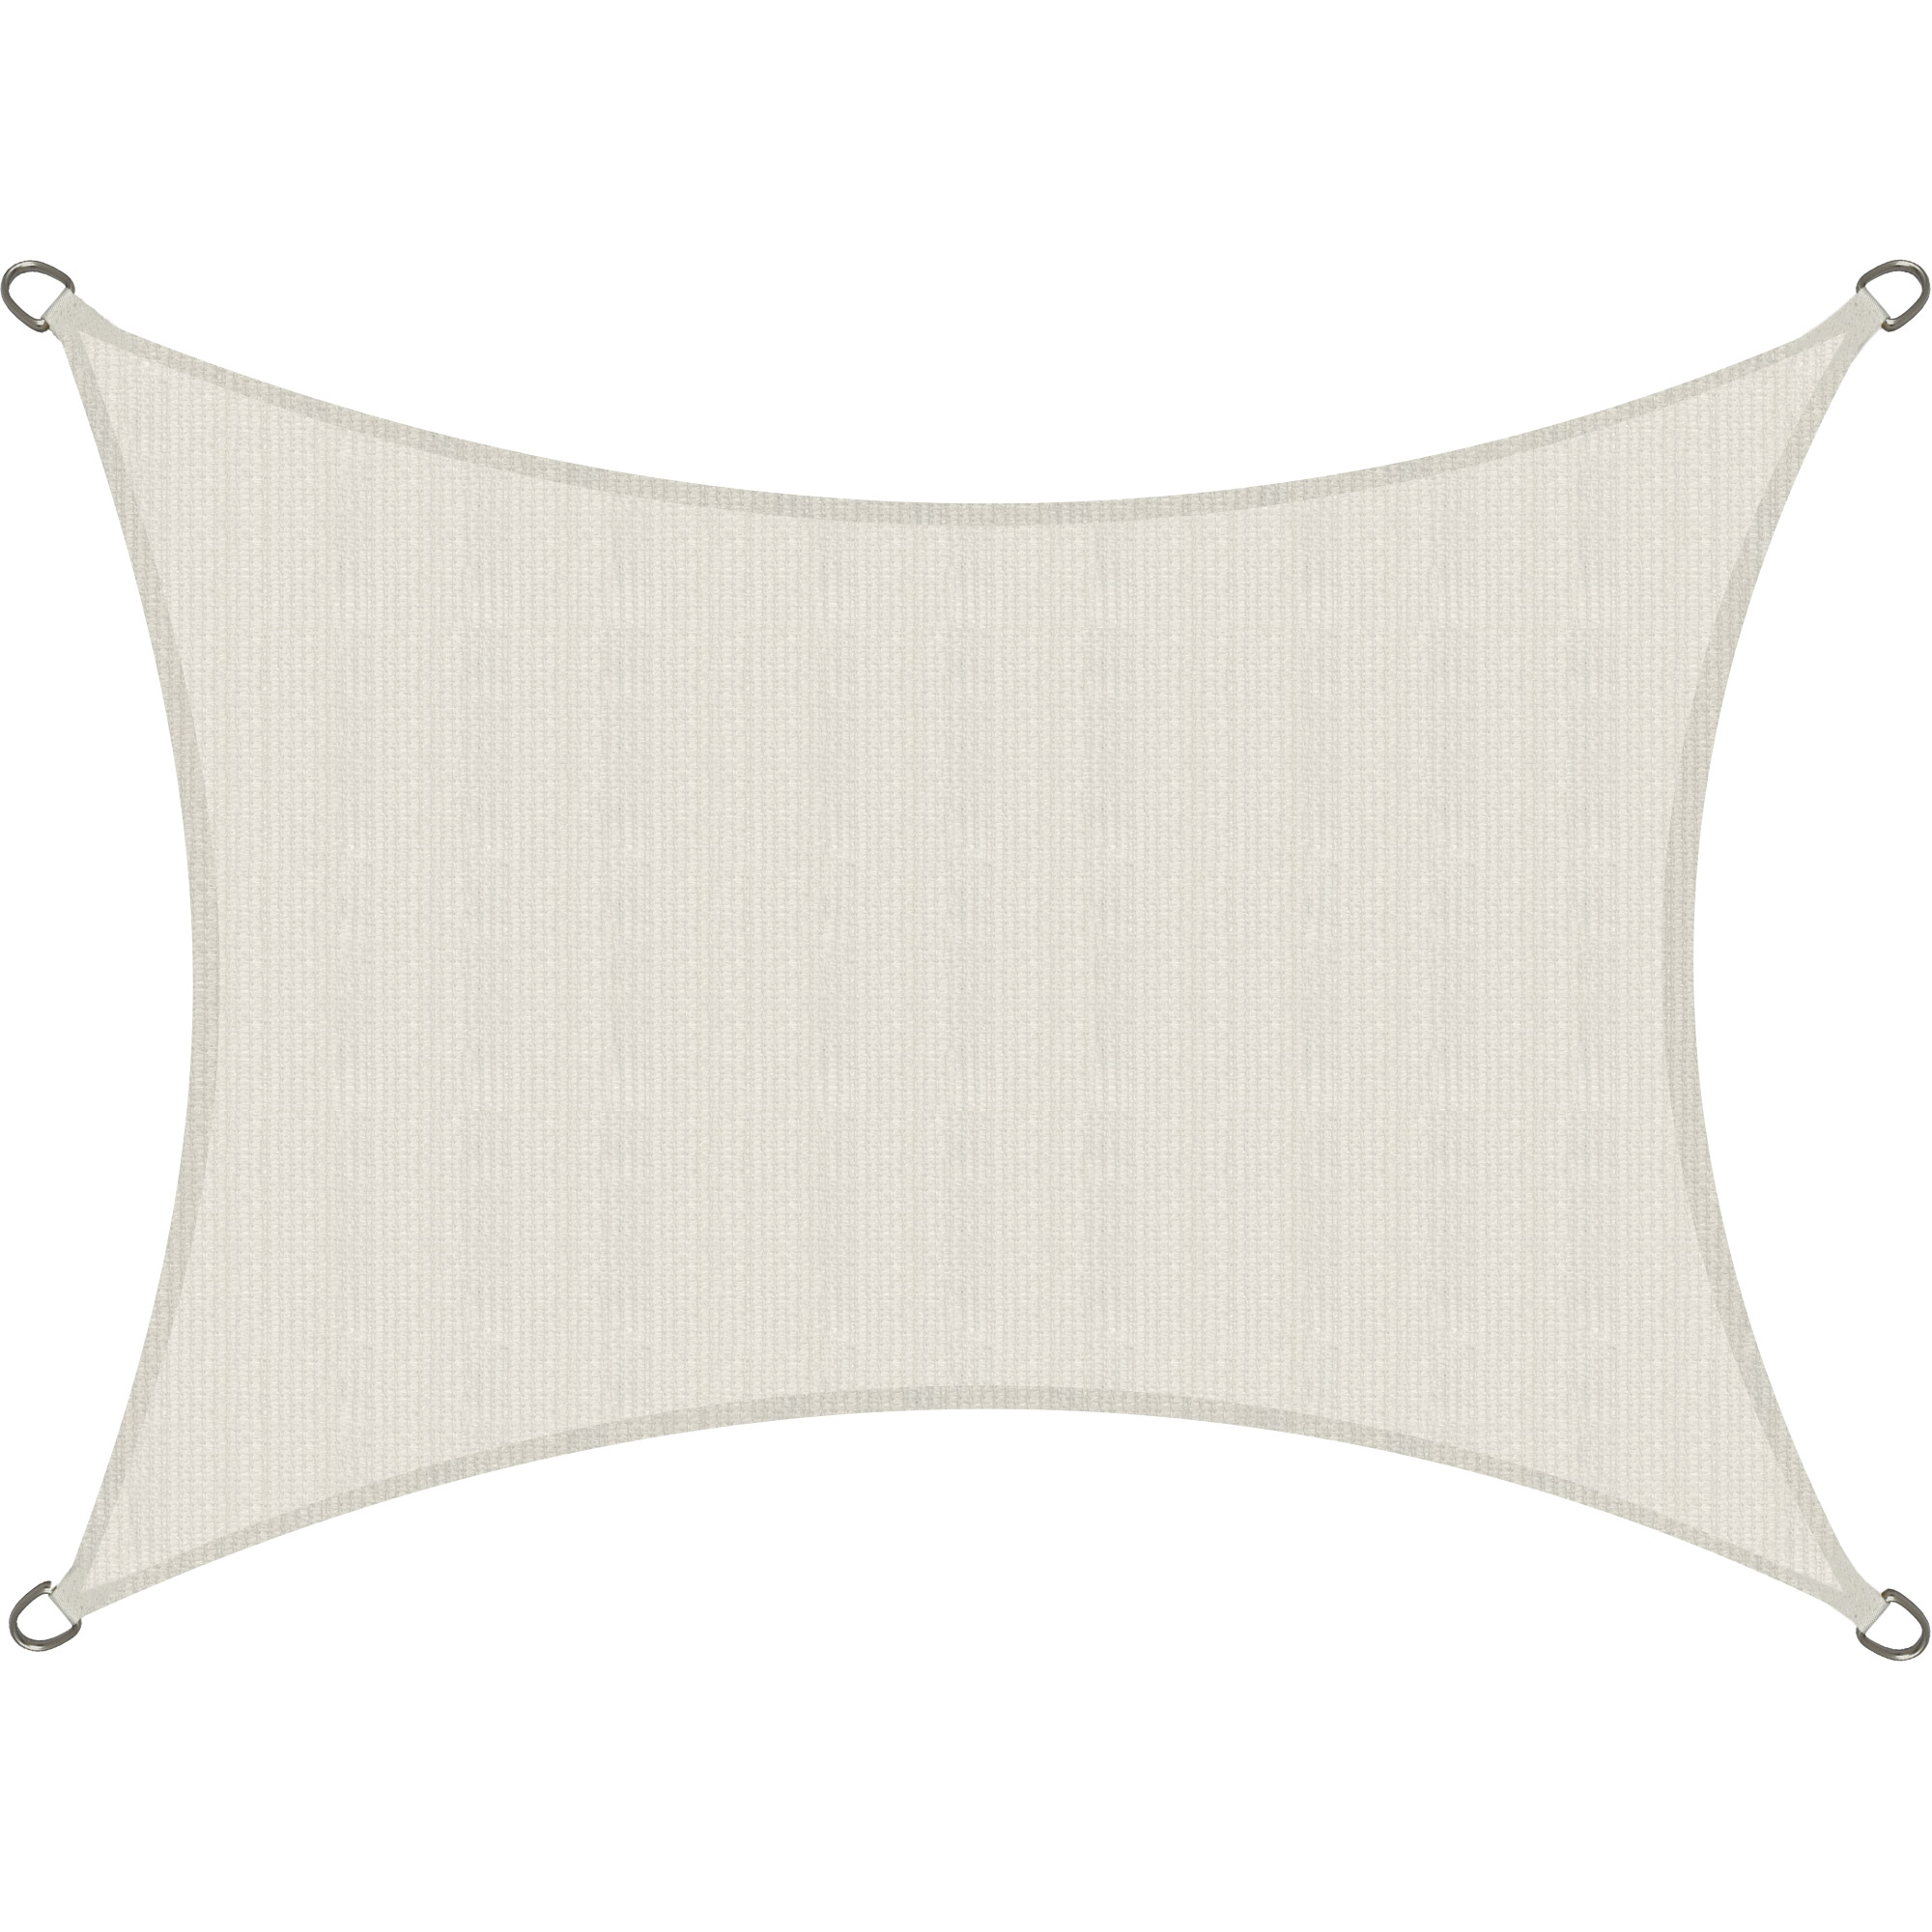 sonnensegel rechteck sonnenschutz rechteckig hdpe uv schutz sonnendach viereck ebay. Black Bedroom Furniture Sets. Home Design Ideas